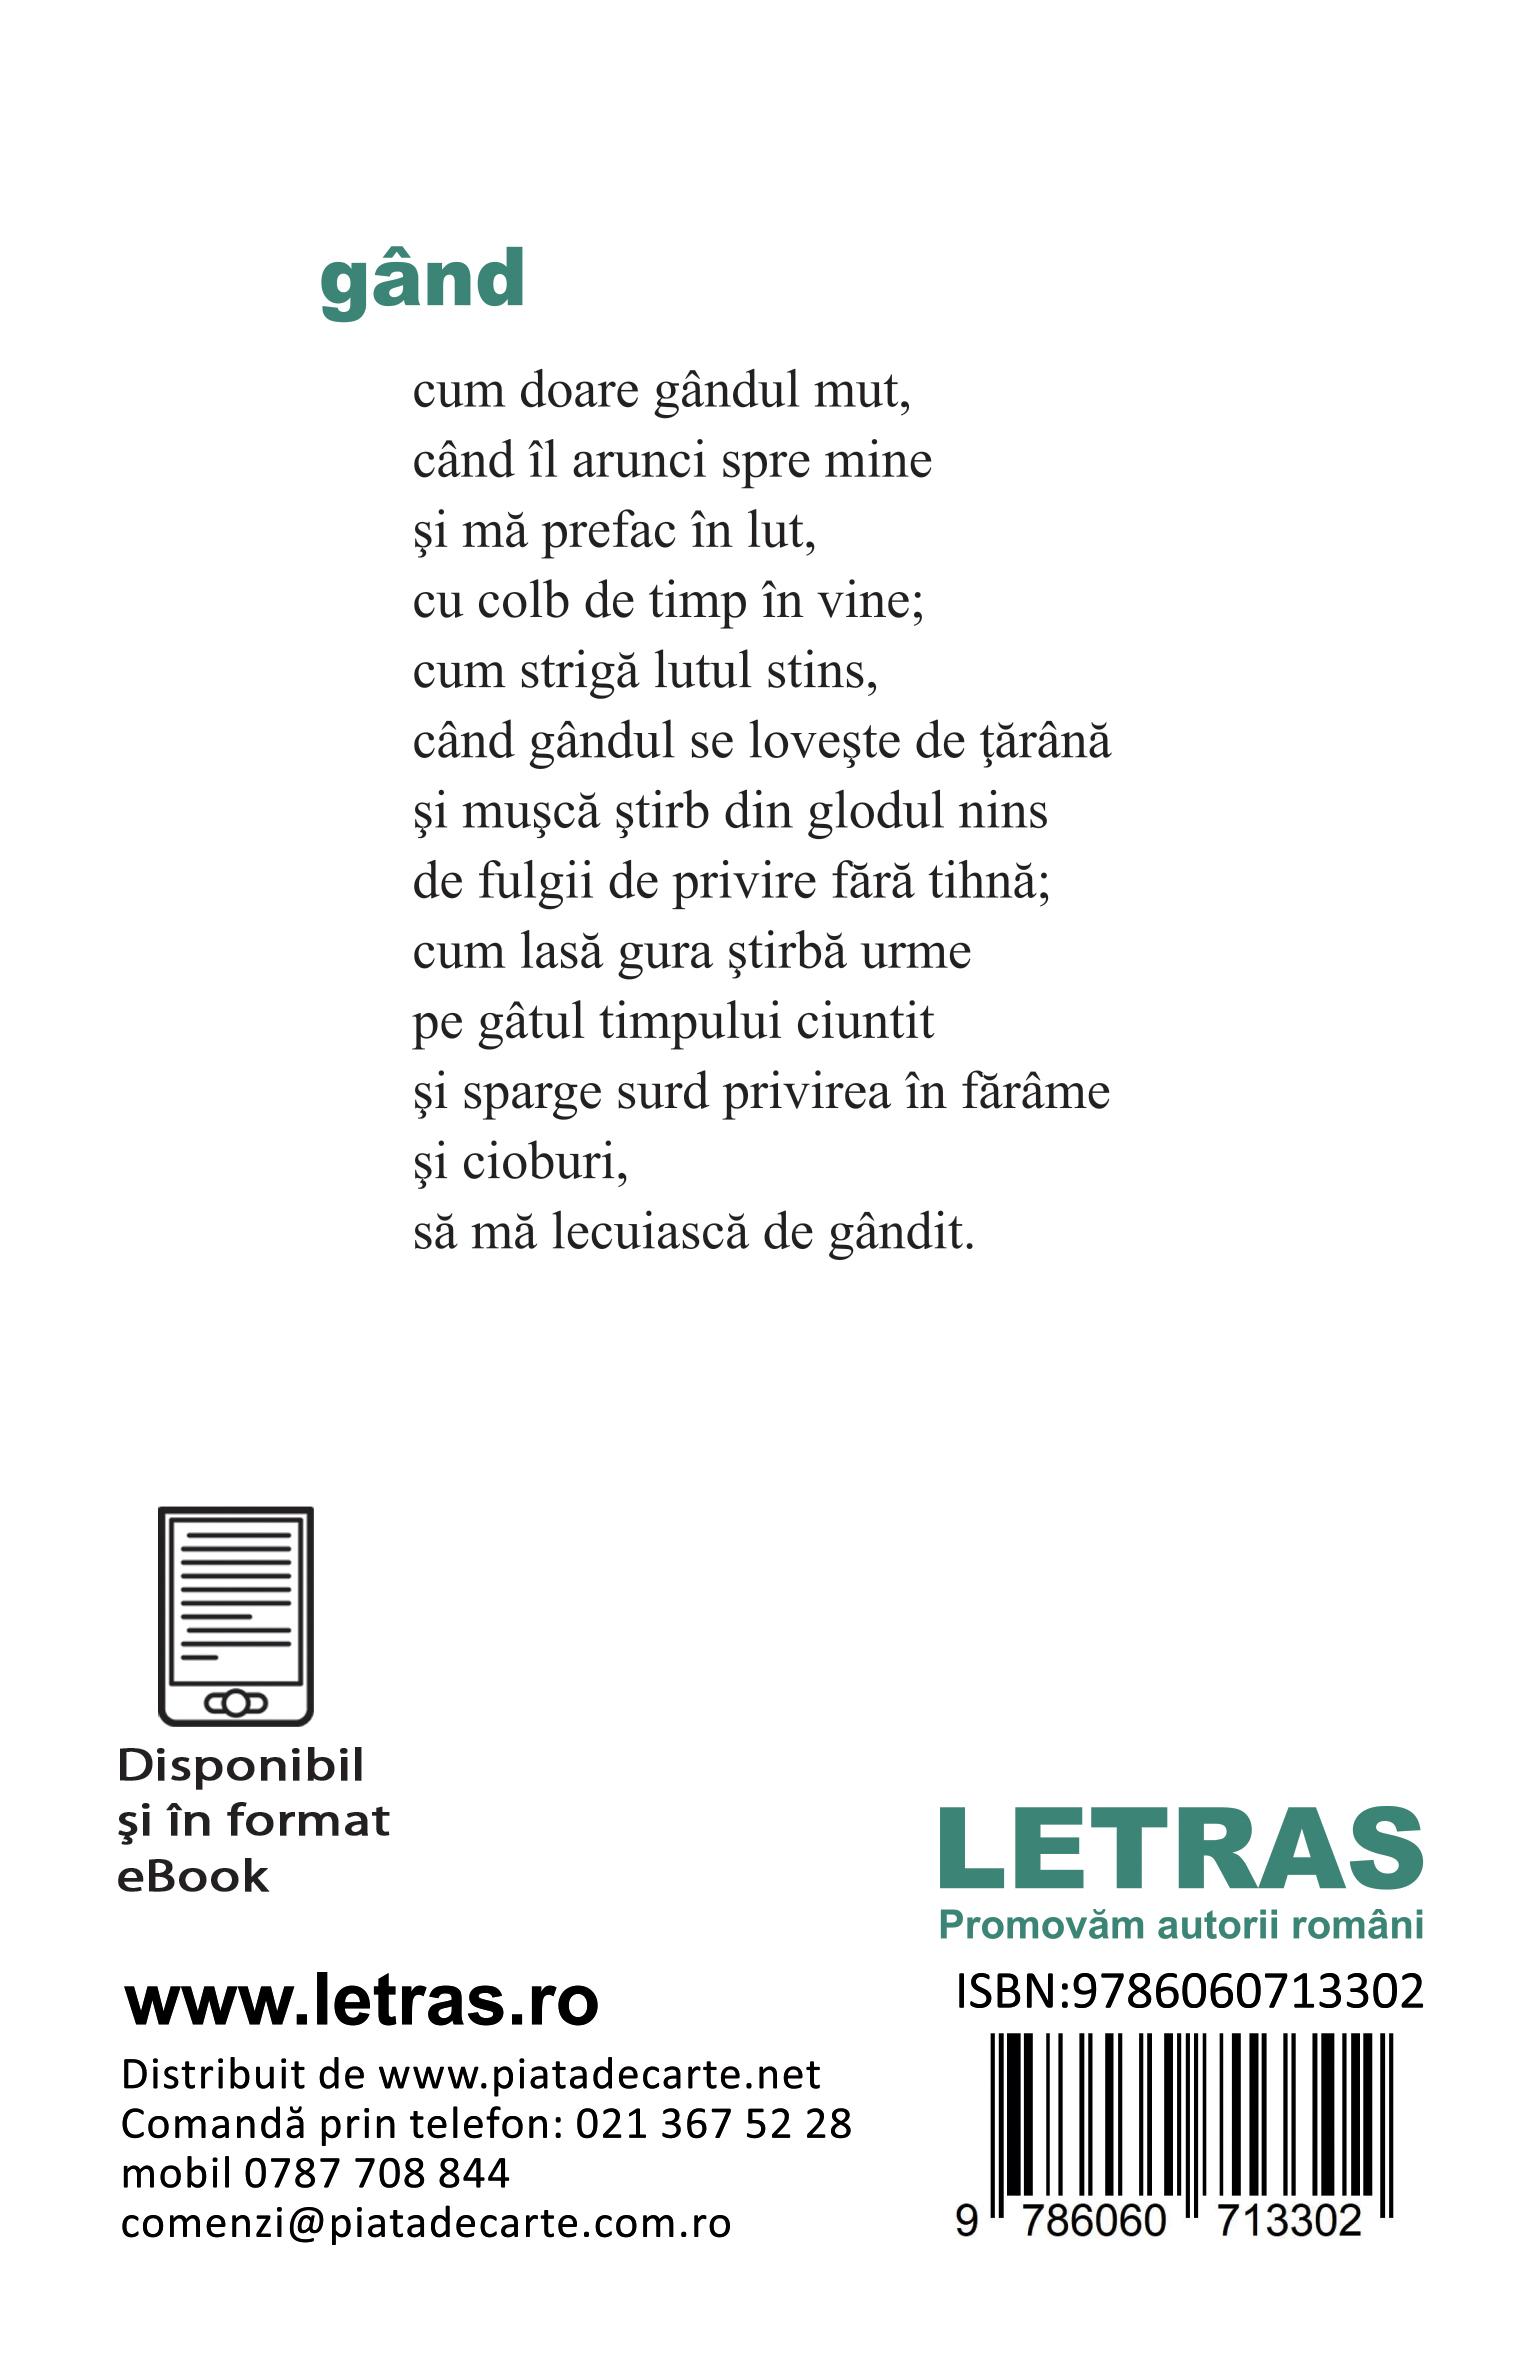 coperta 4 - Zei de lut - poeme - (ed. tiparita) - Autor: Silvia Osman